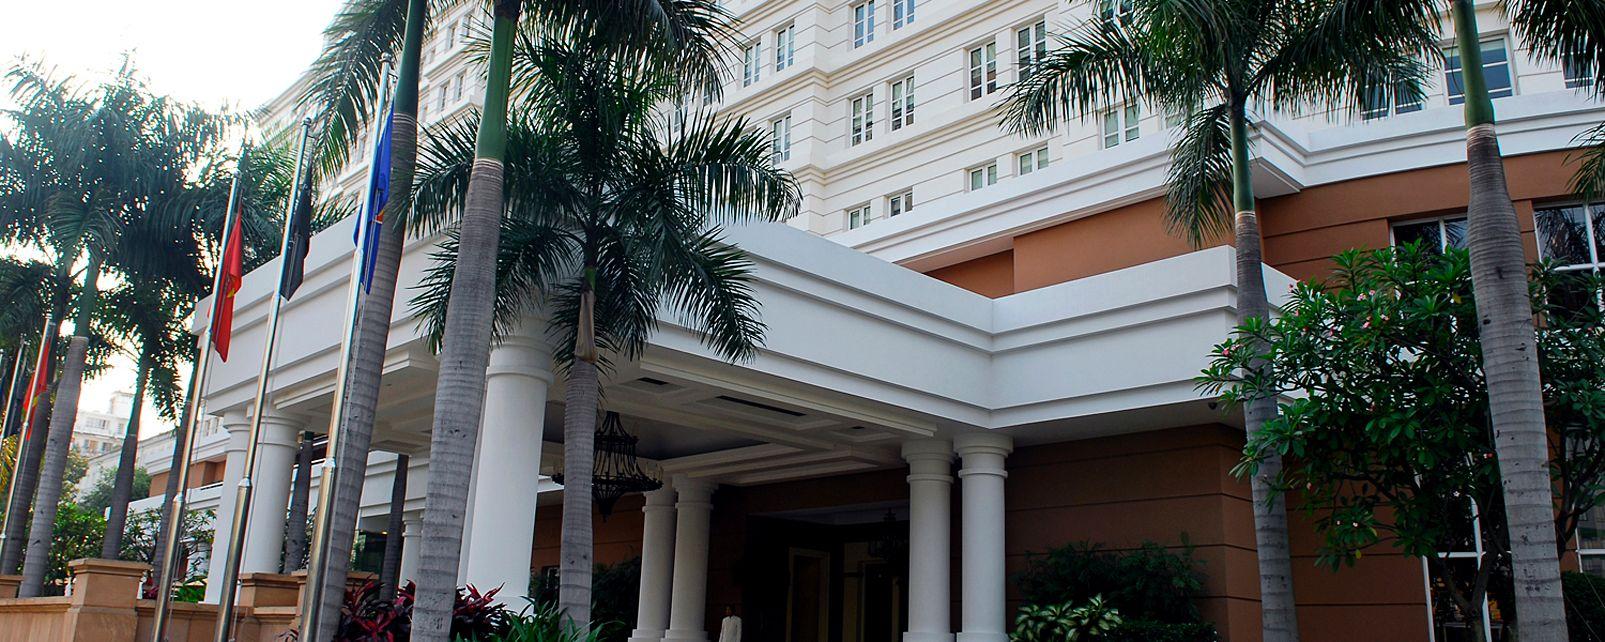 Hôtel Park Hyatt Saigon